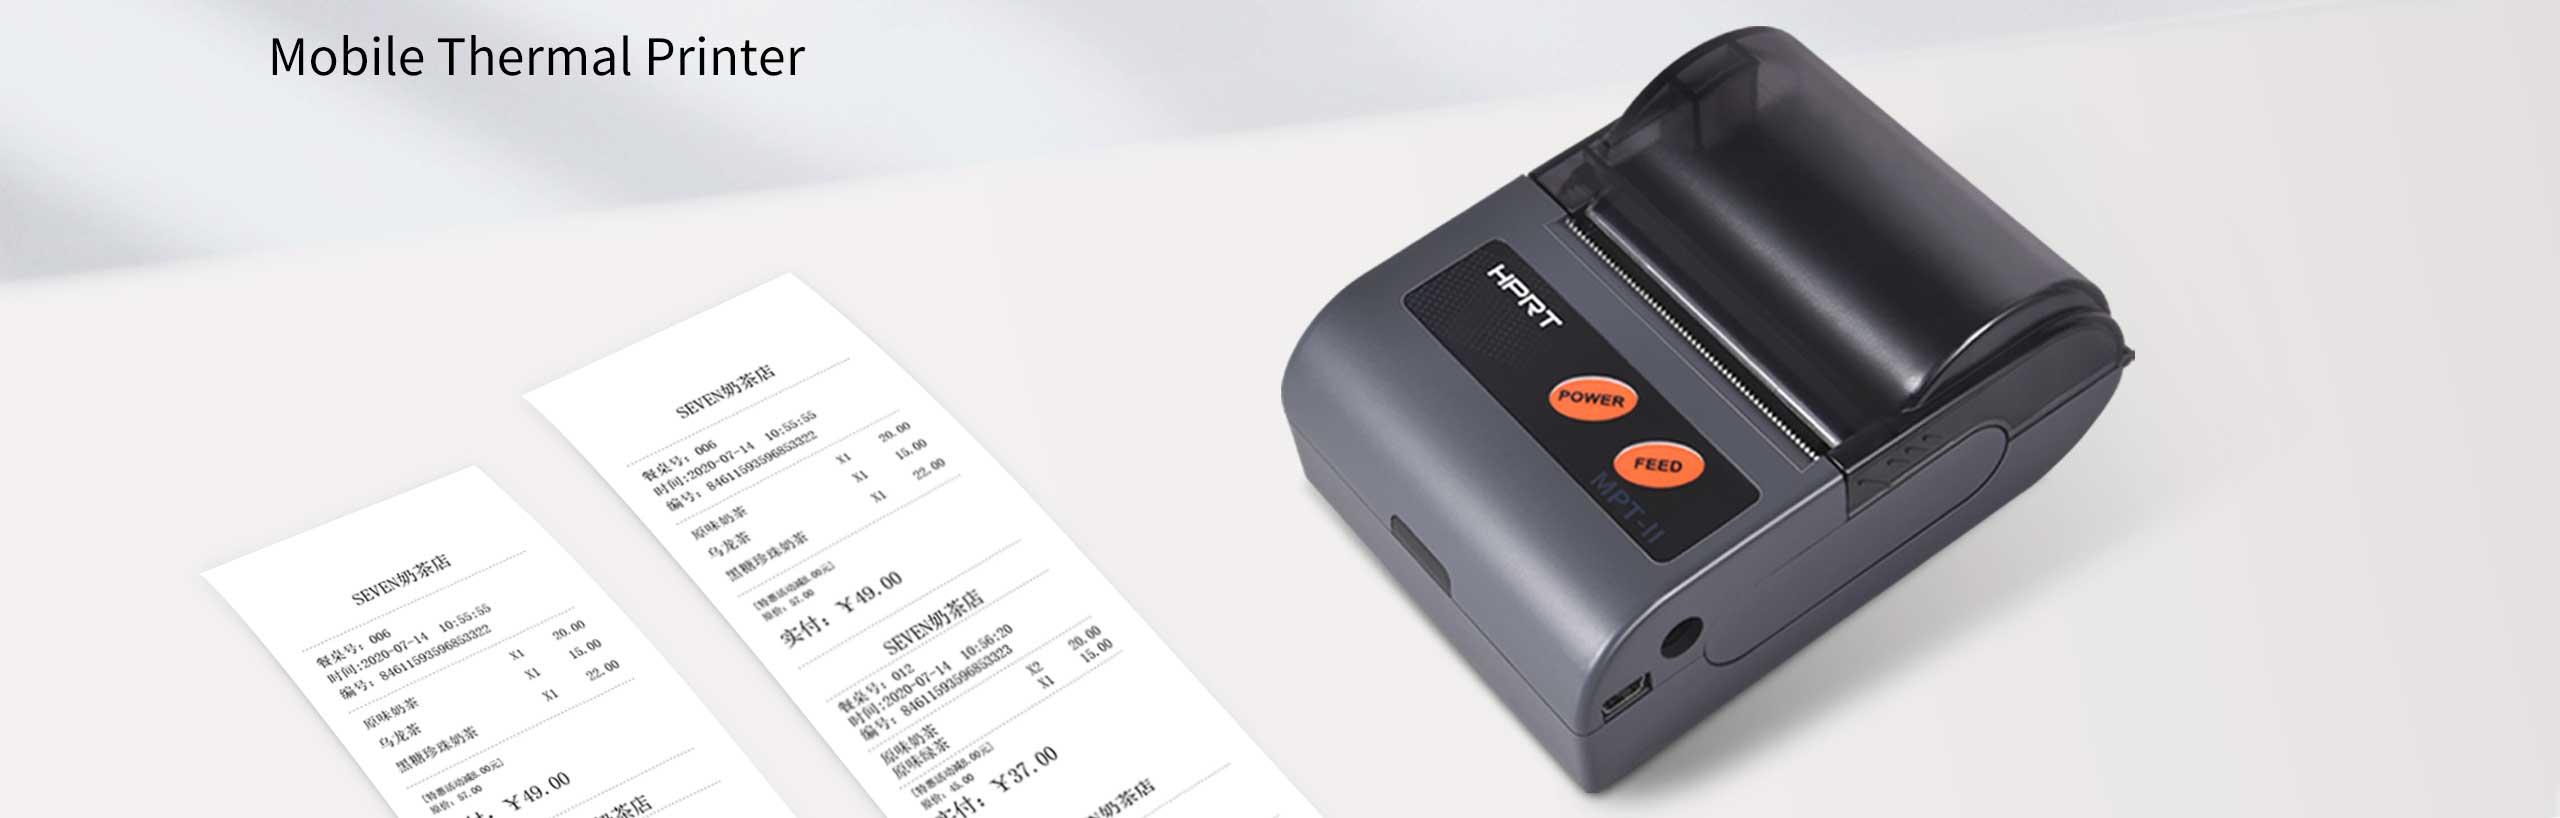 【汉印HPRT】MPT-II 2寸便携式蓝牙打印机,小票打印机